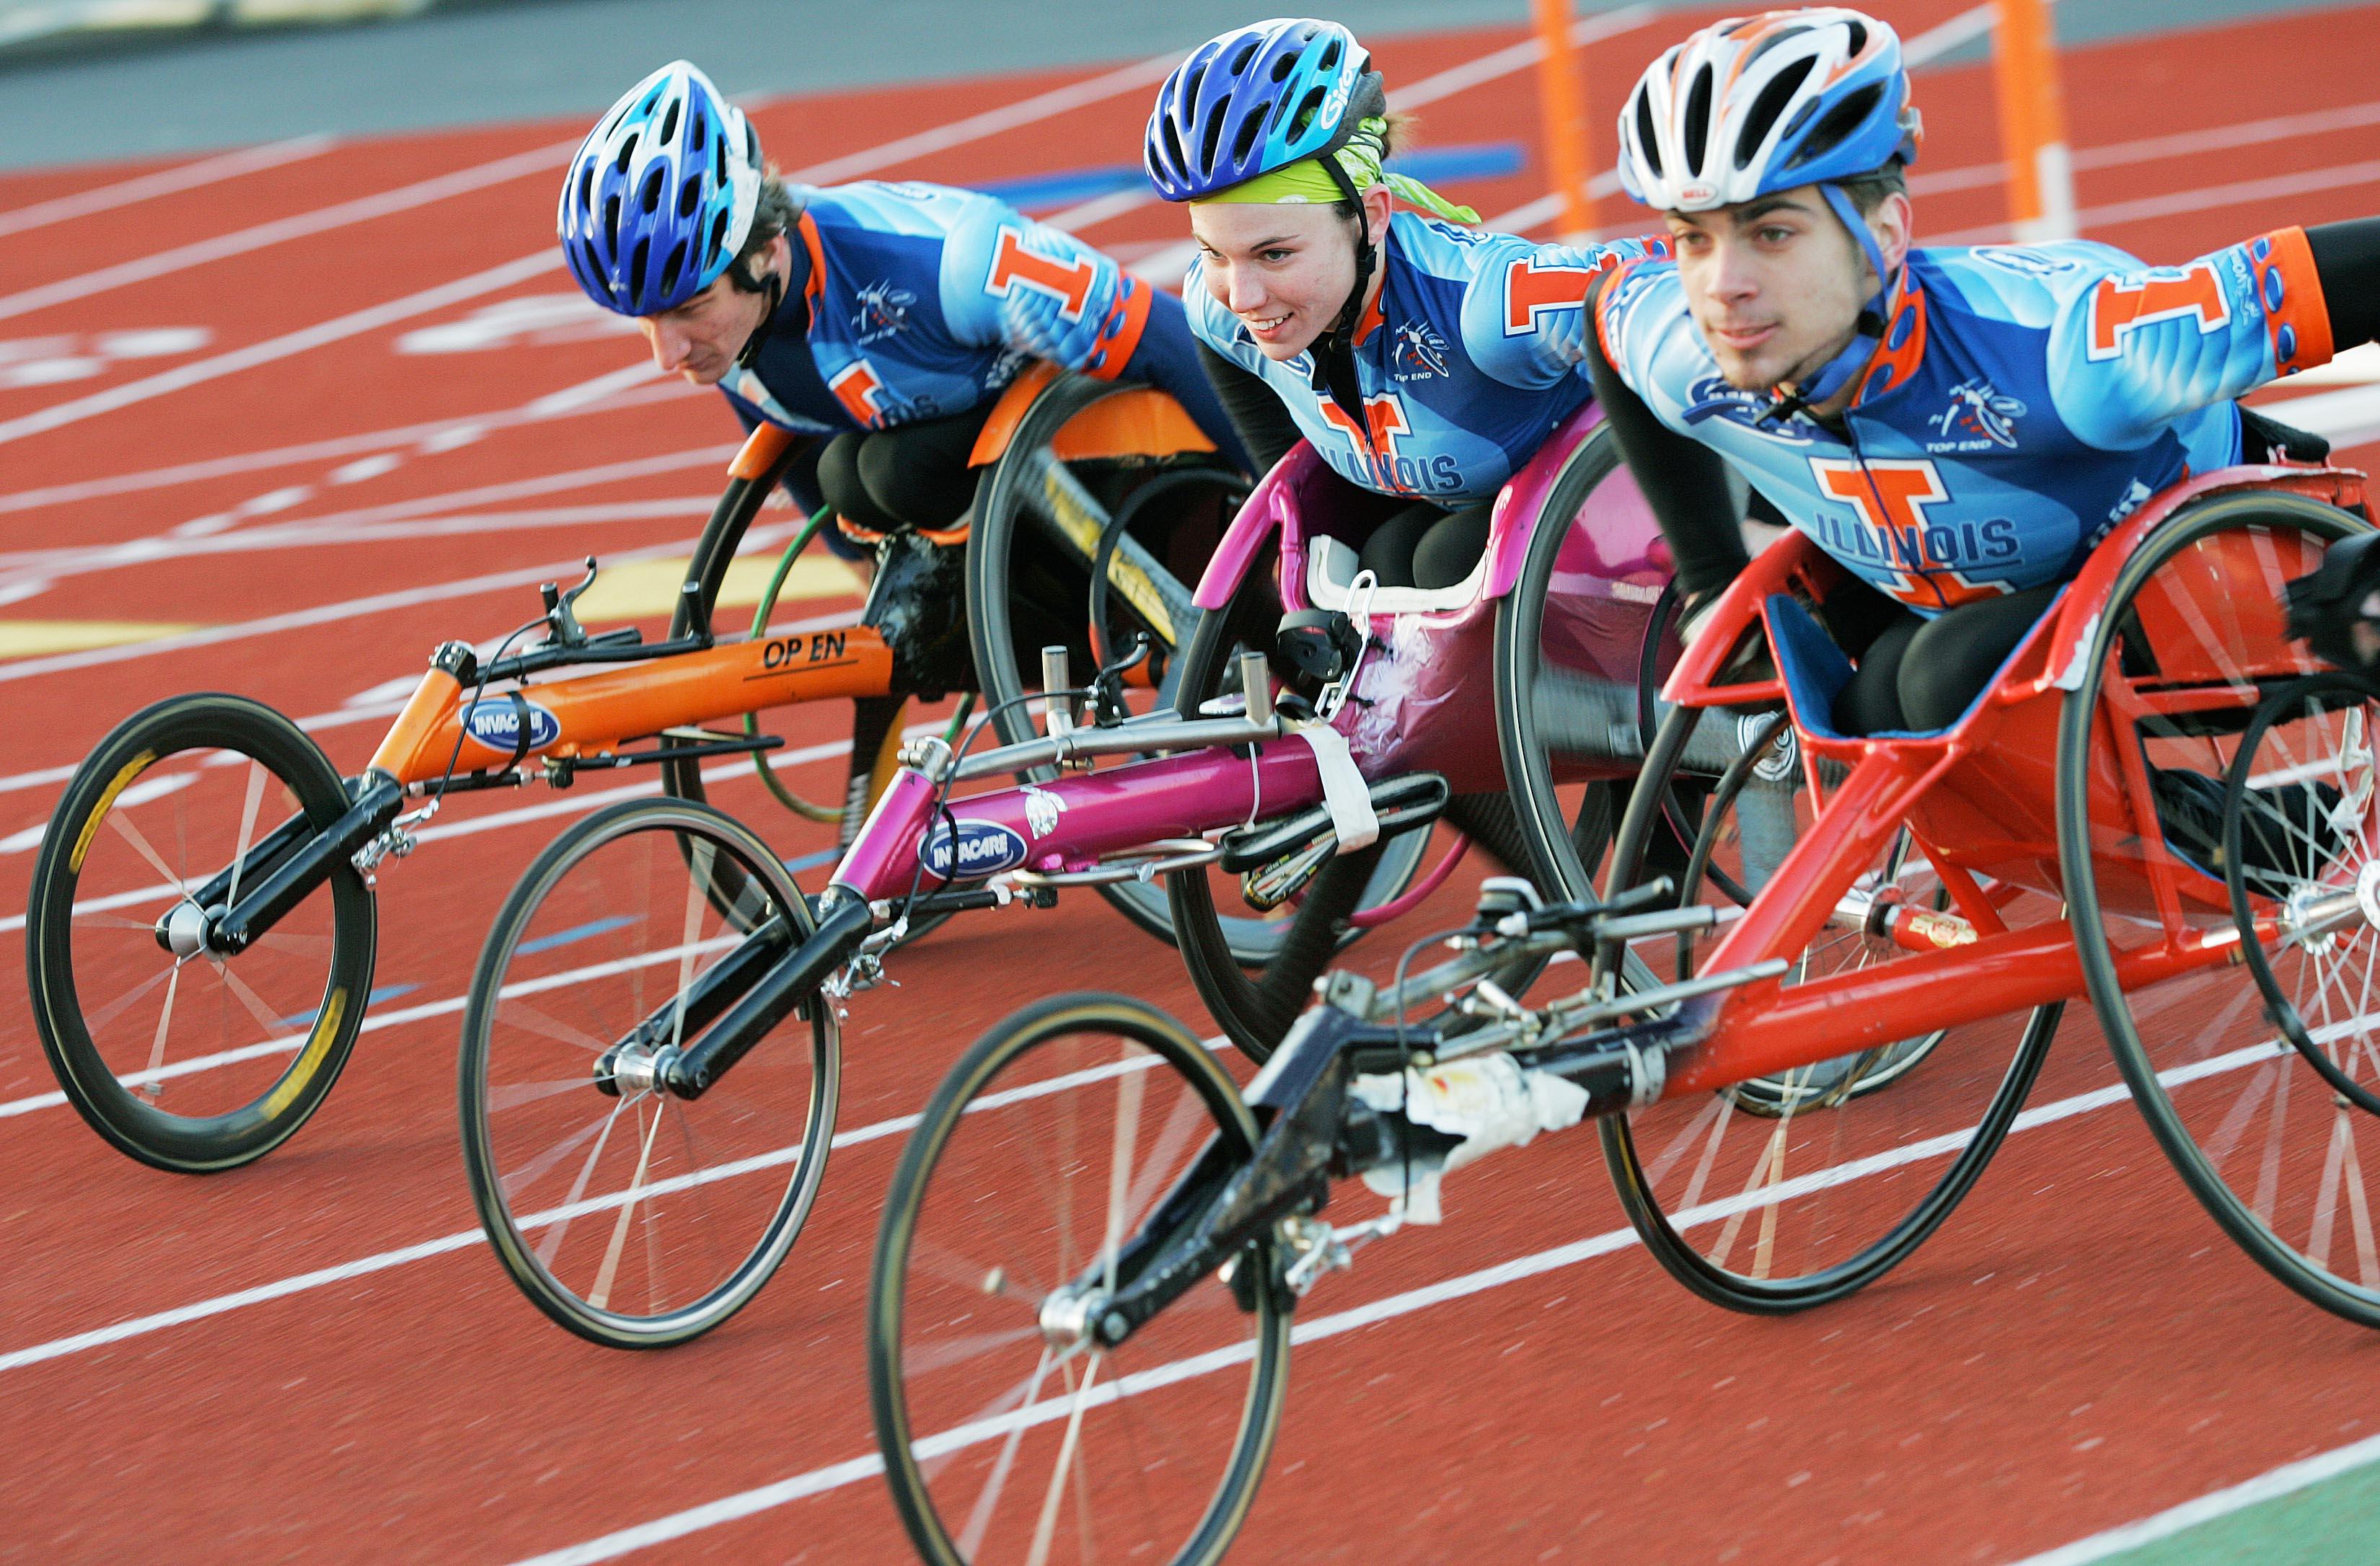 Schar wins wheelchair women at Boston Marathon